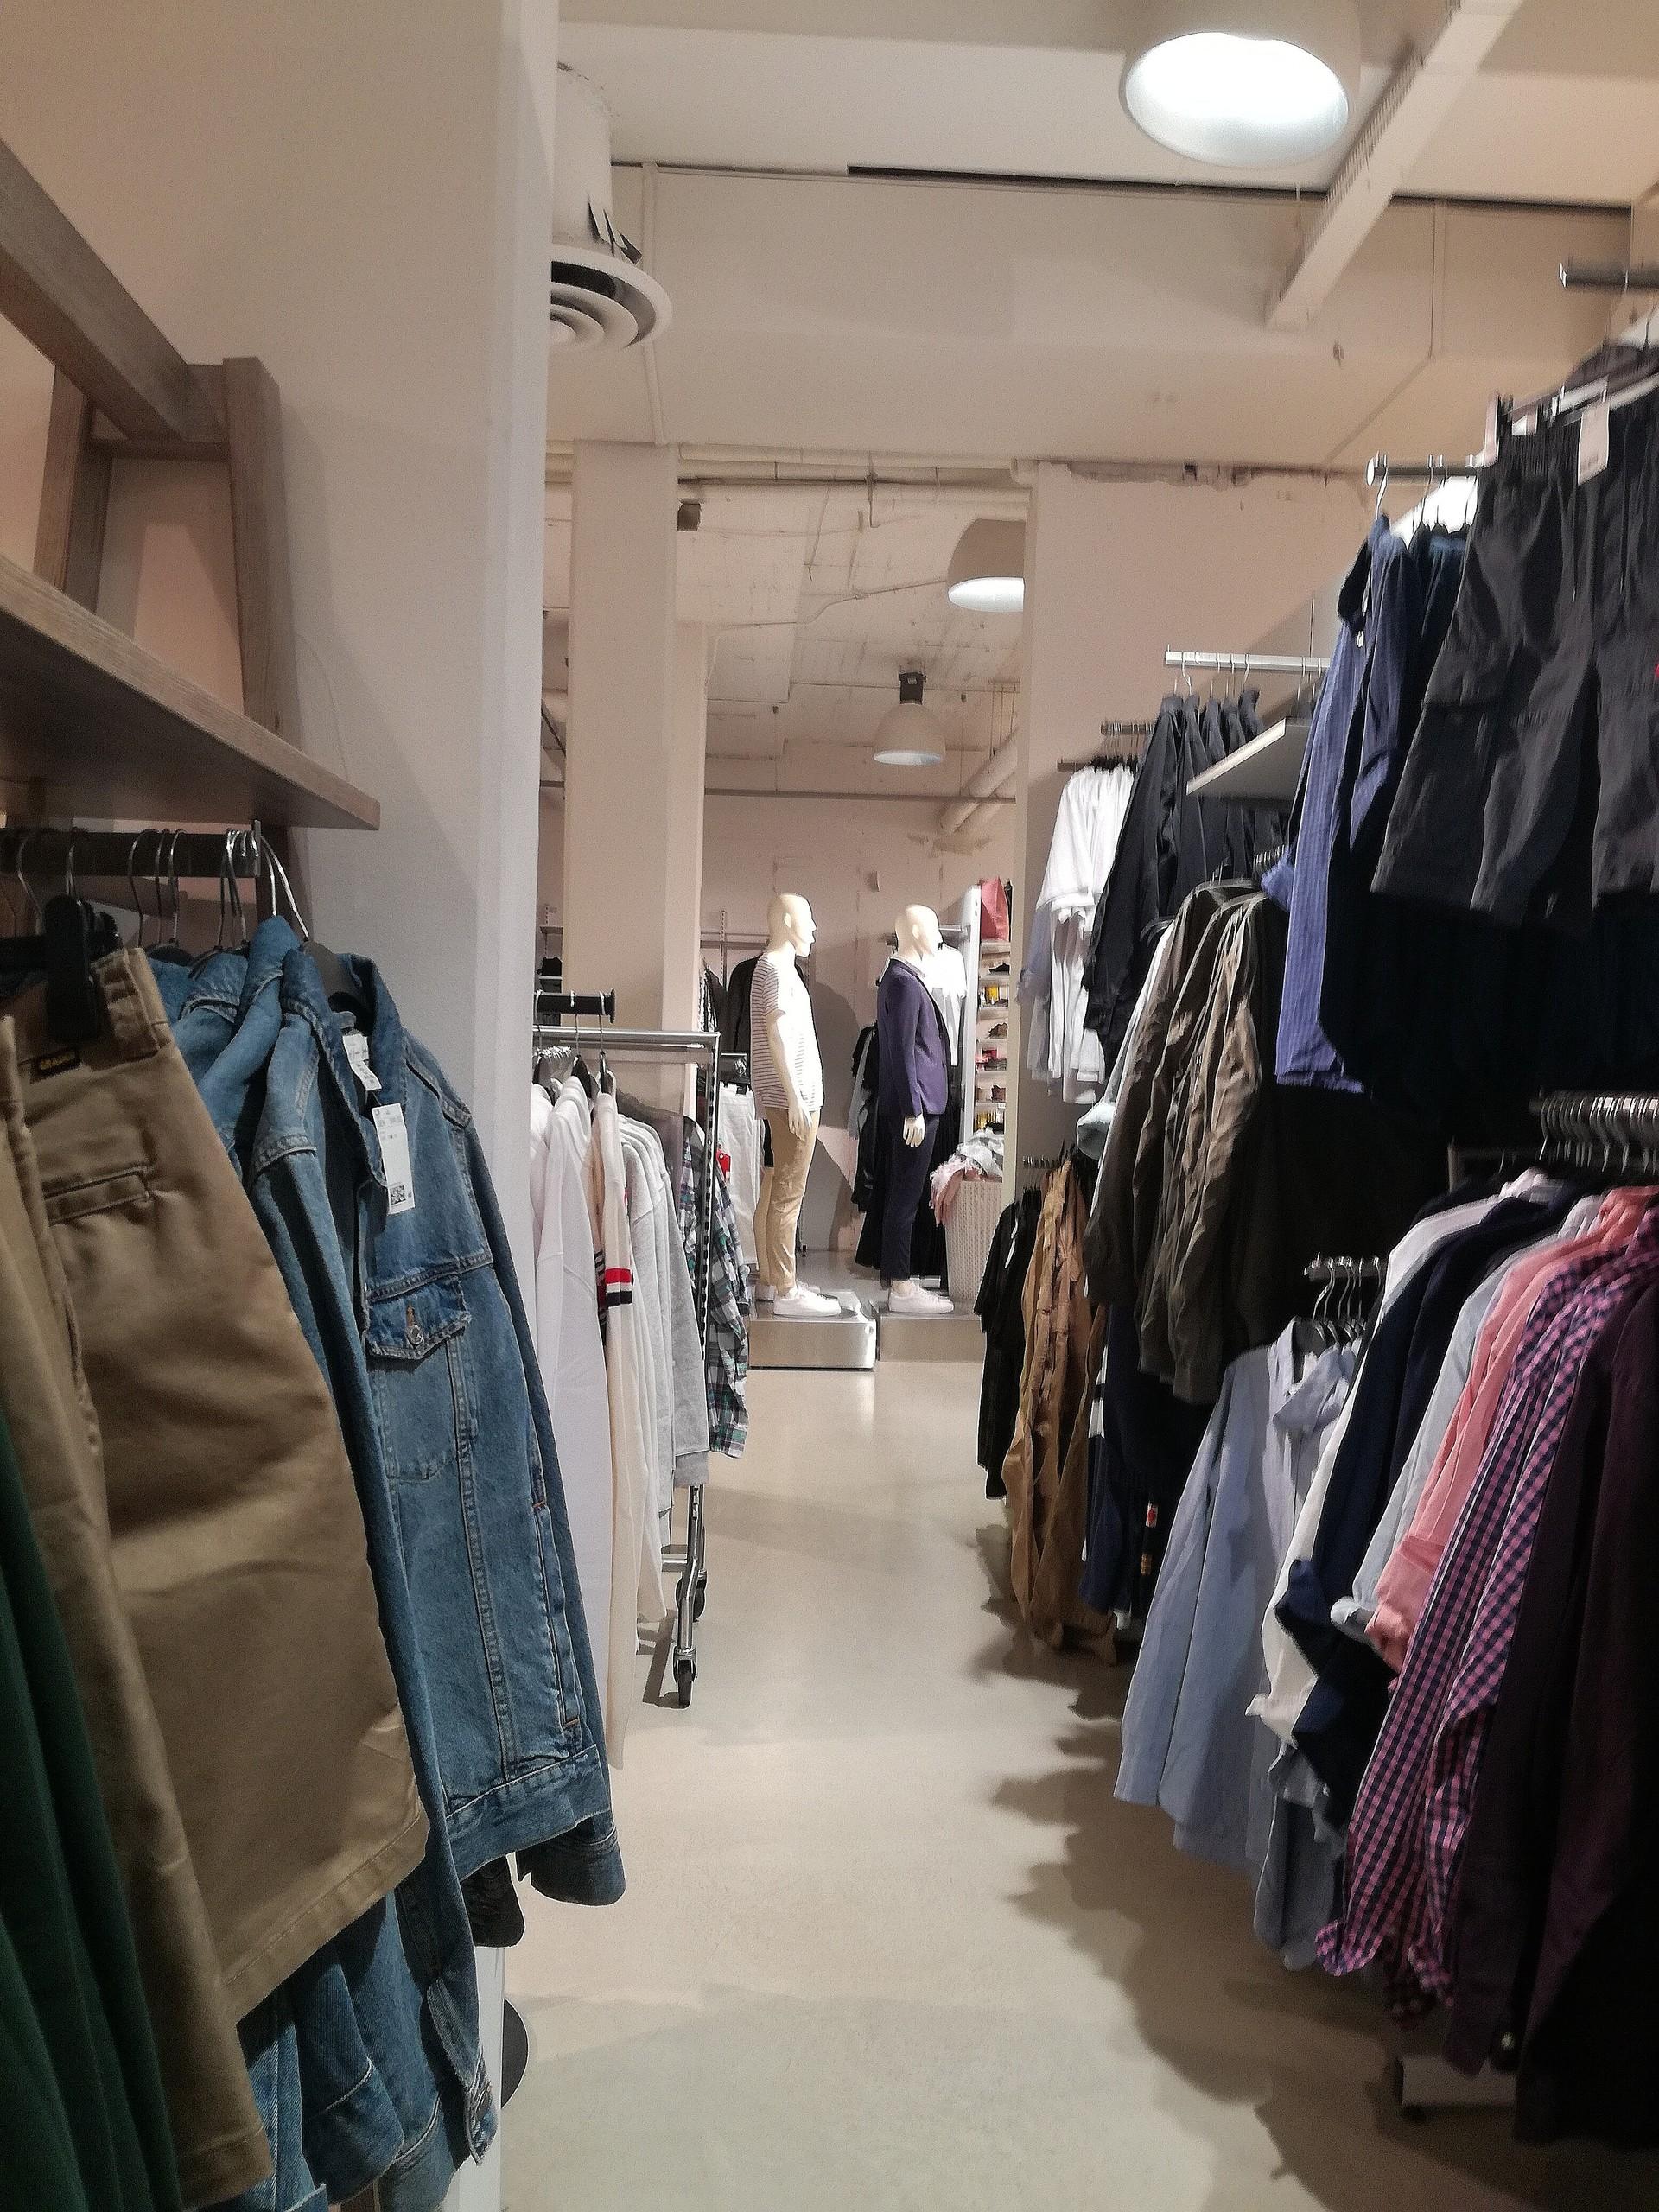 4b36b1b5f0 tiendas-ropa-suecia-f9367b8703eb81a6e61a